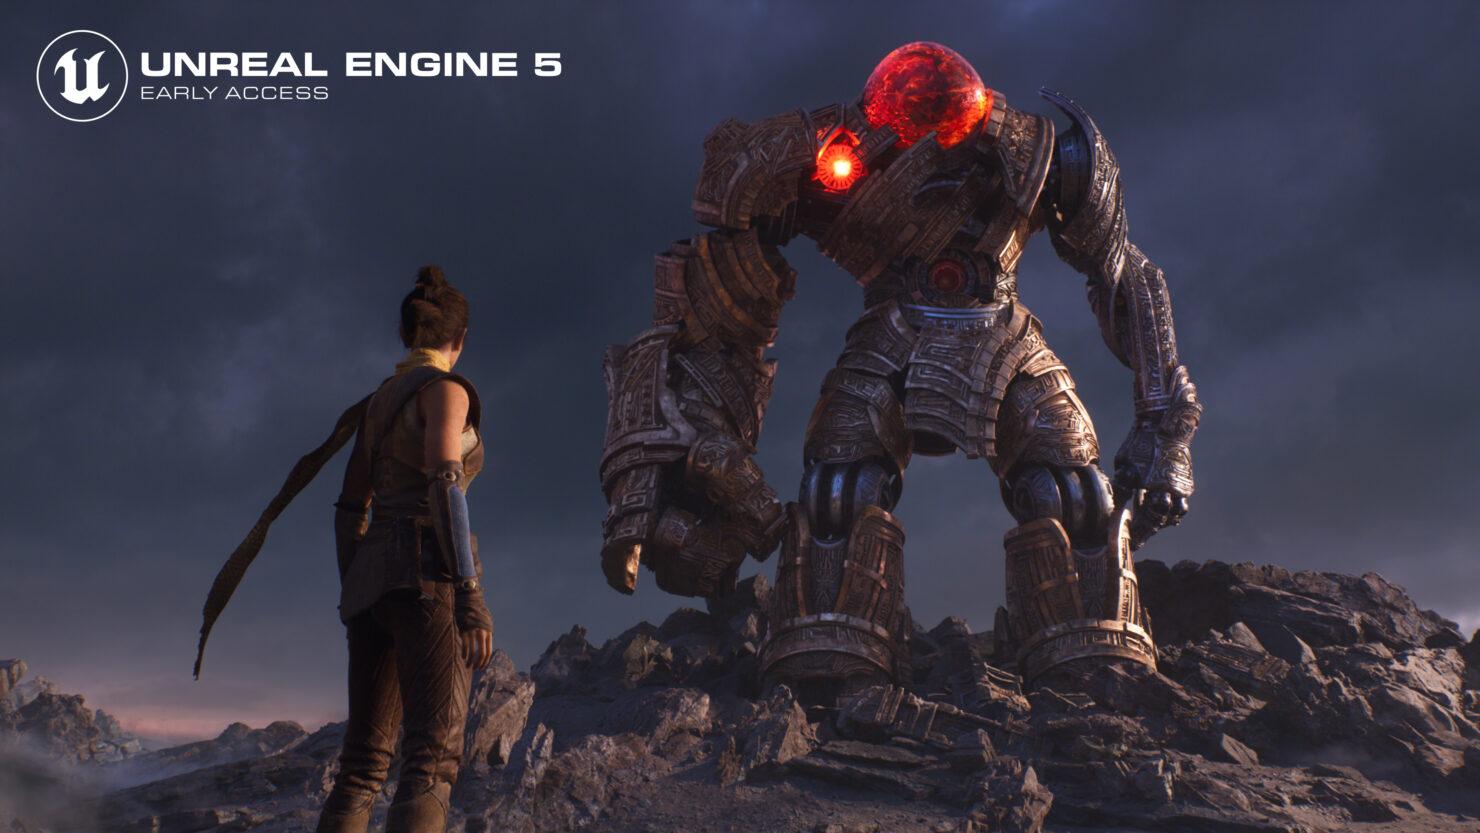 UE5 Unreal Engine 5